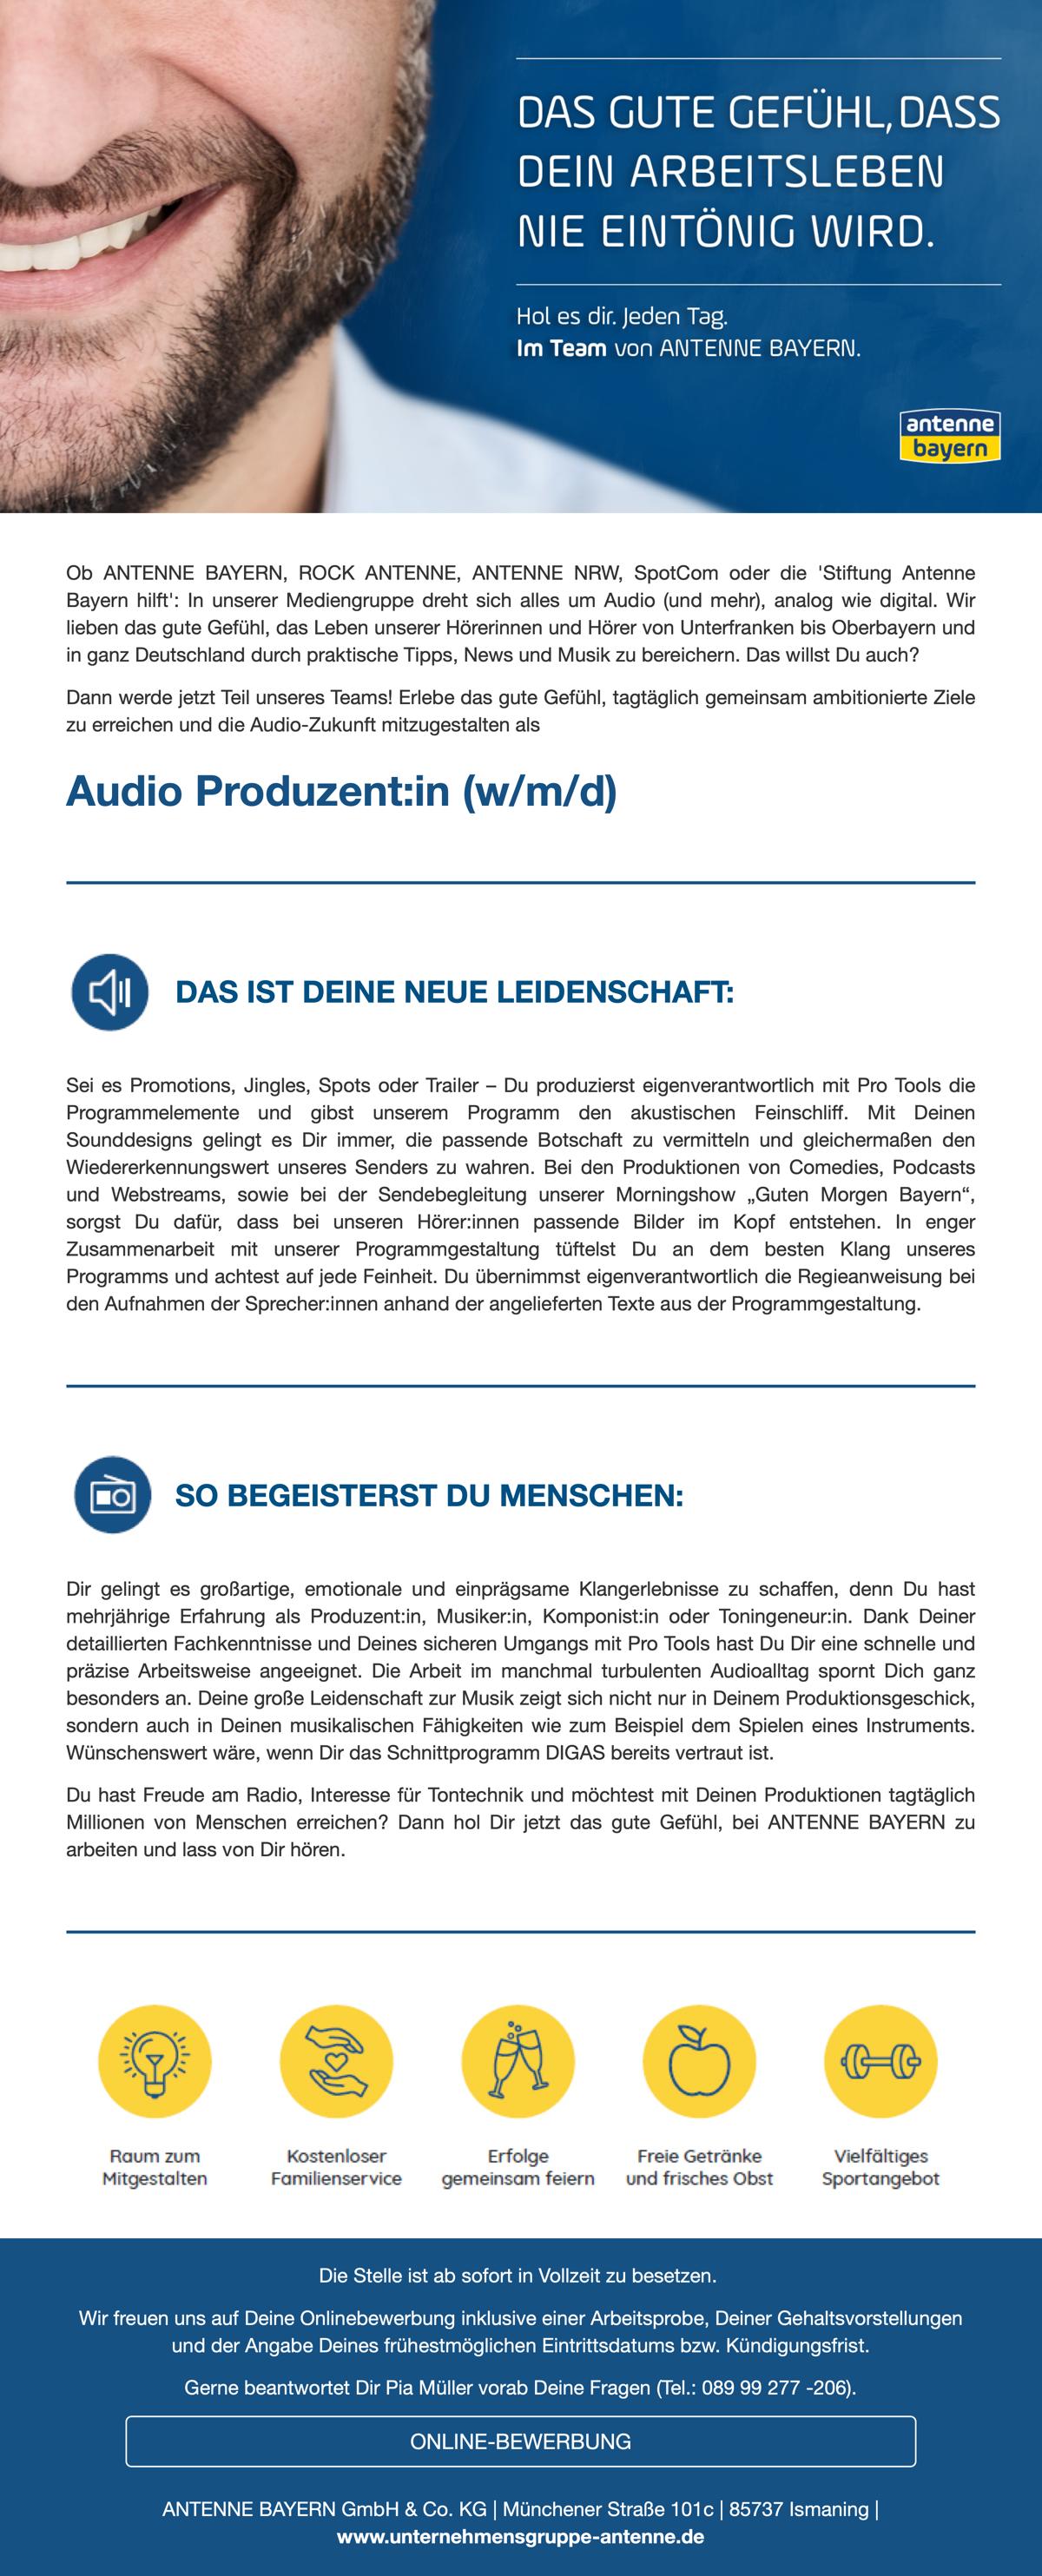 ANTENNE BAYERN sucht Audio Produzent:in (w/m/d)